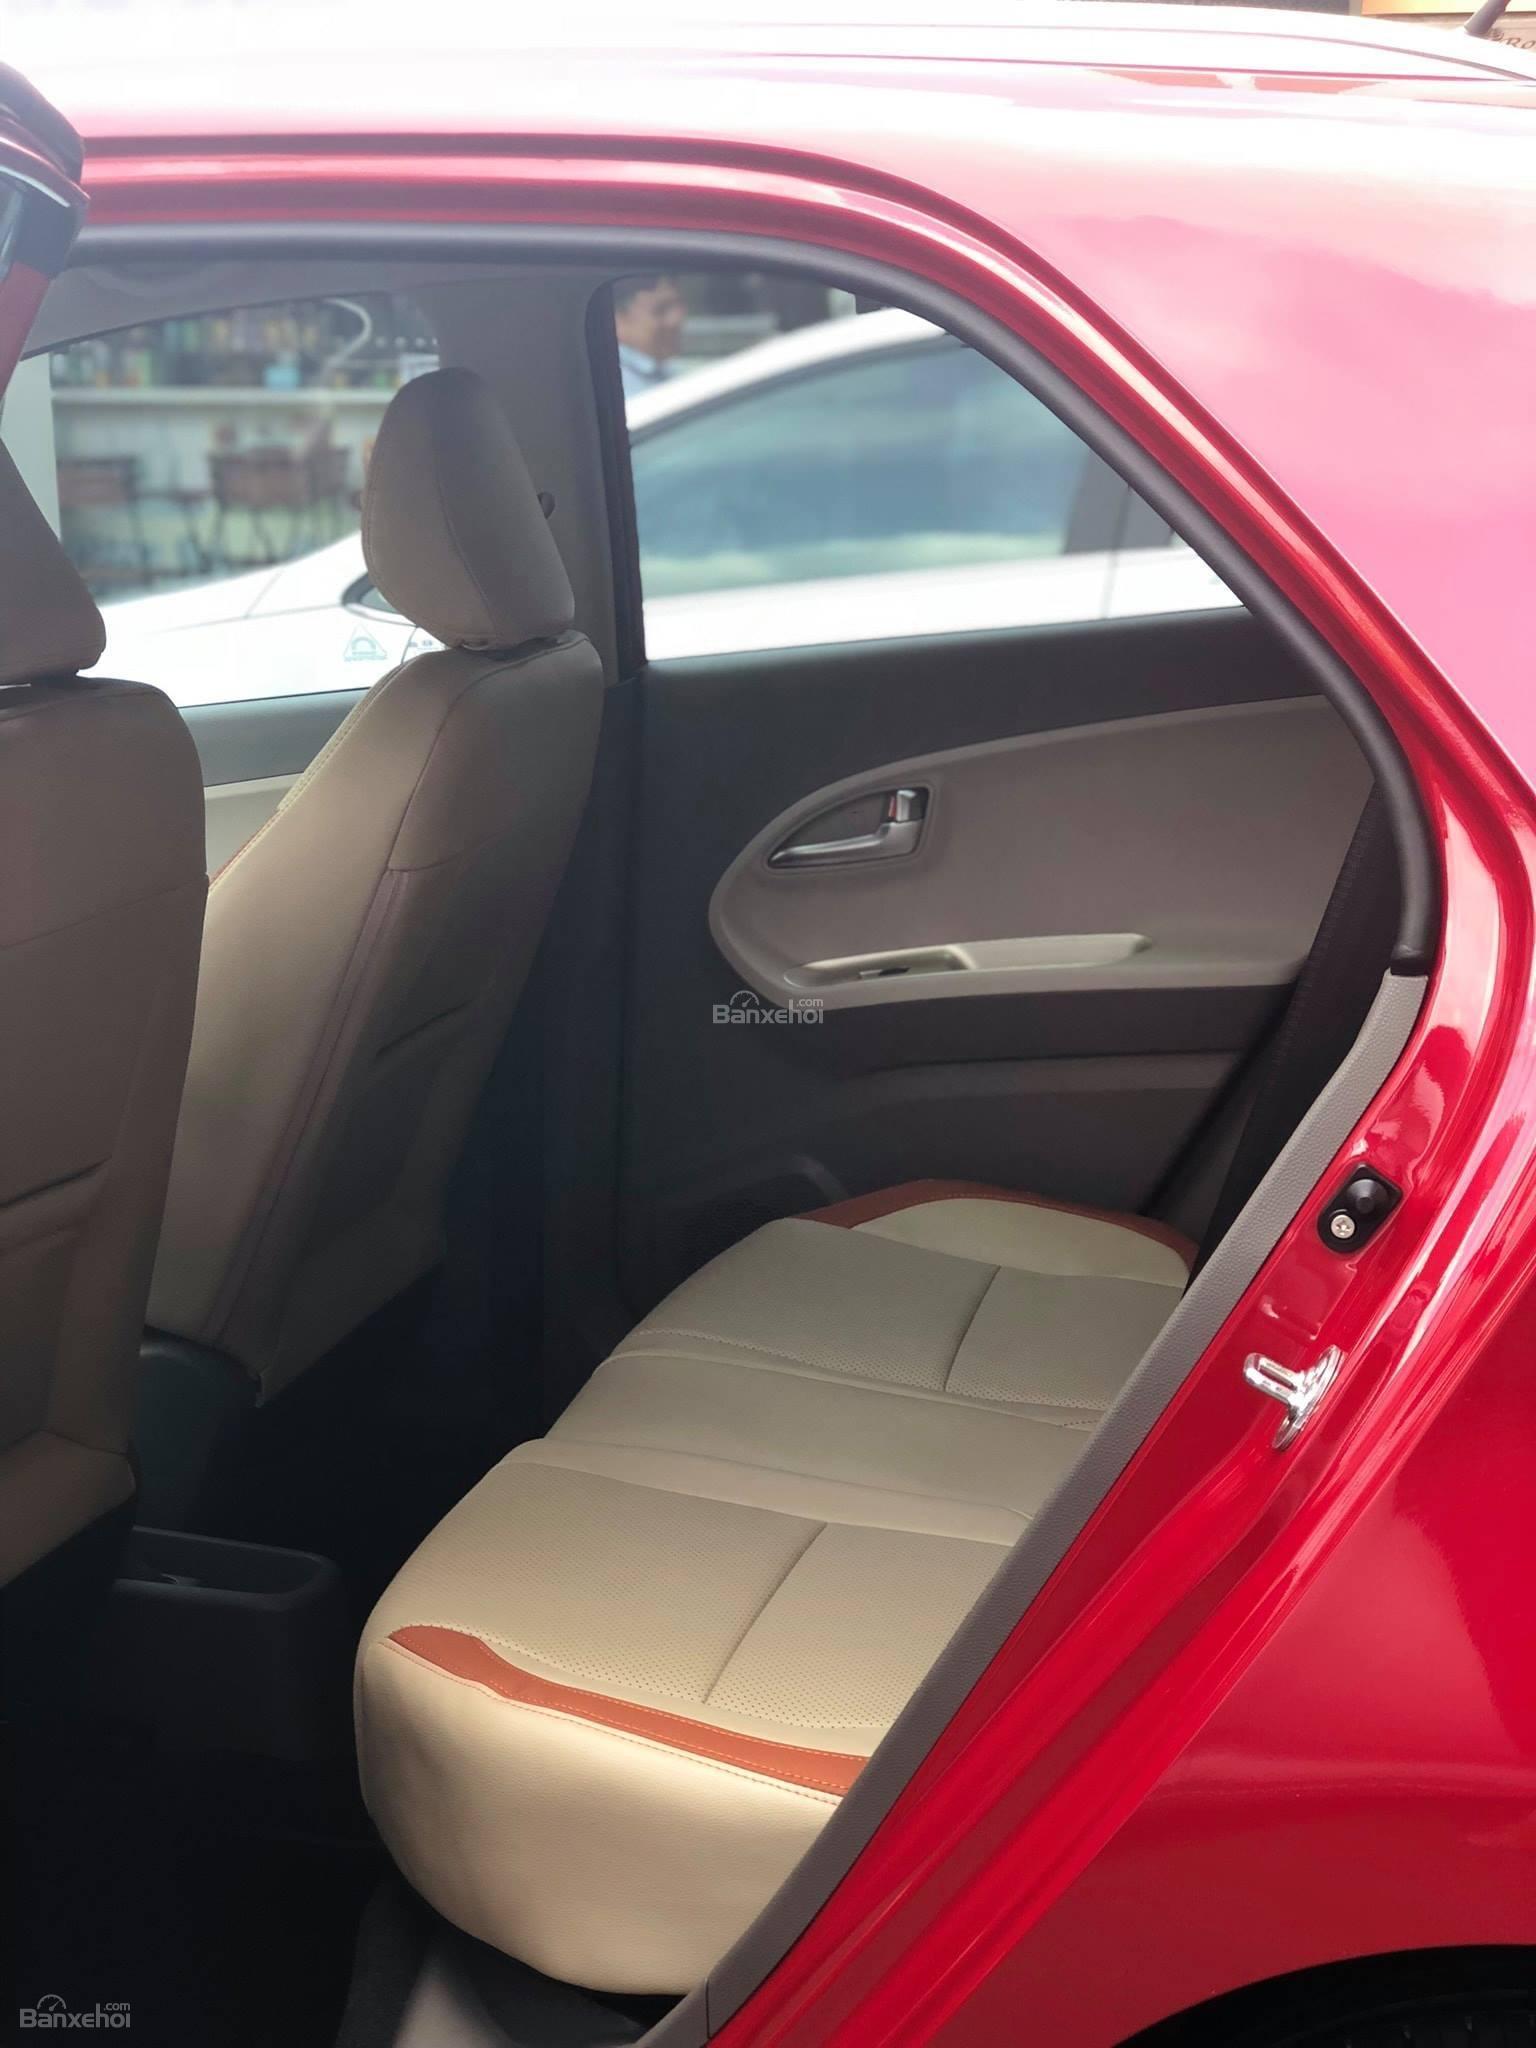 Kia Morning 2019 phiên bản mới giá 355 triệu đồng chính thức bán tại đại lý, giao xe ngay - Ảnh 5.